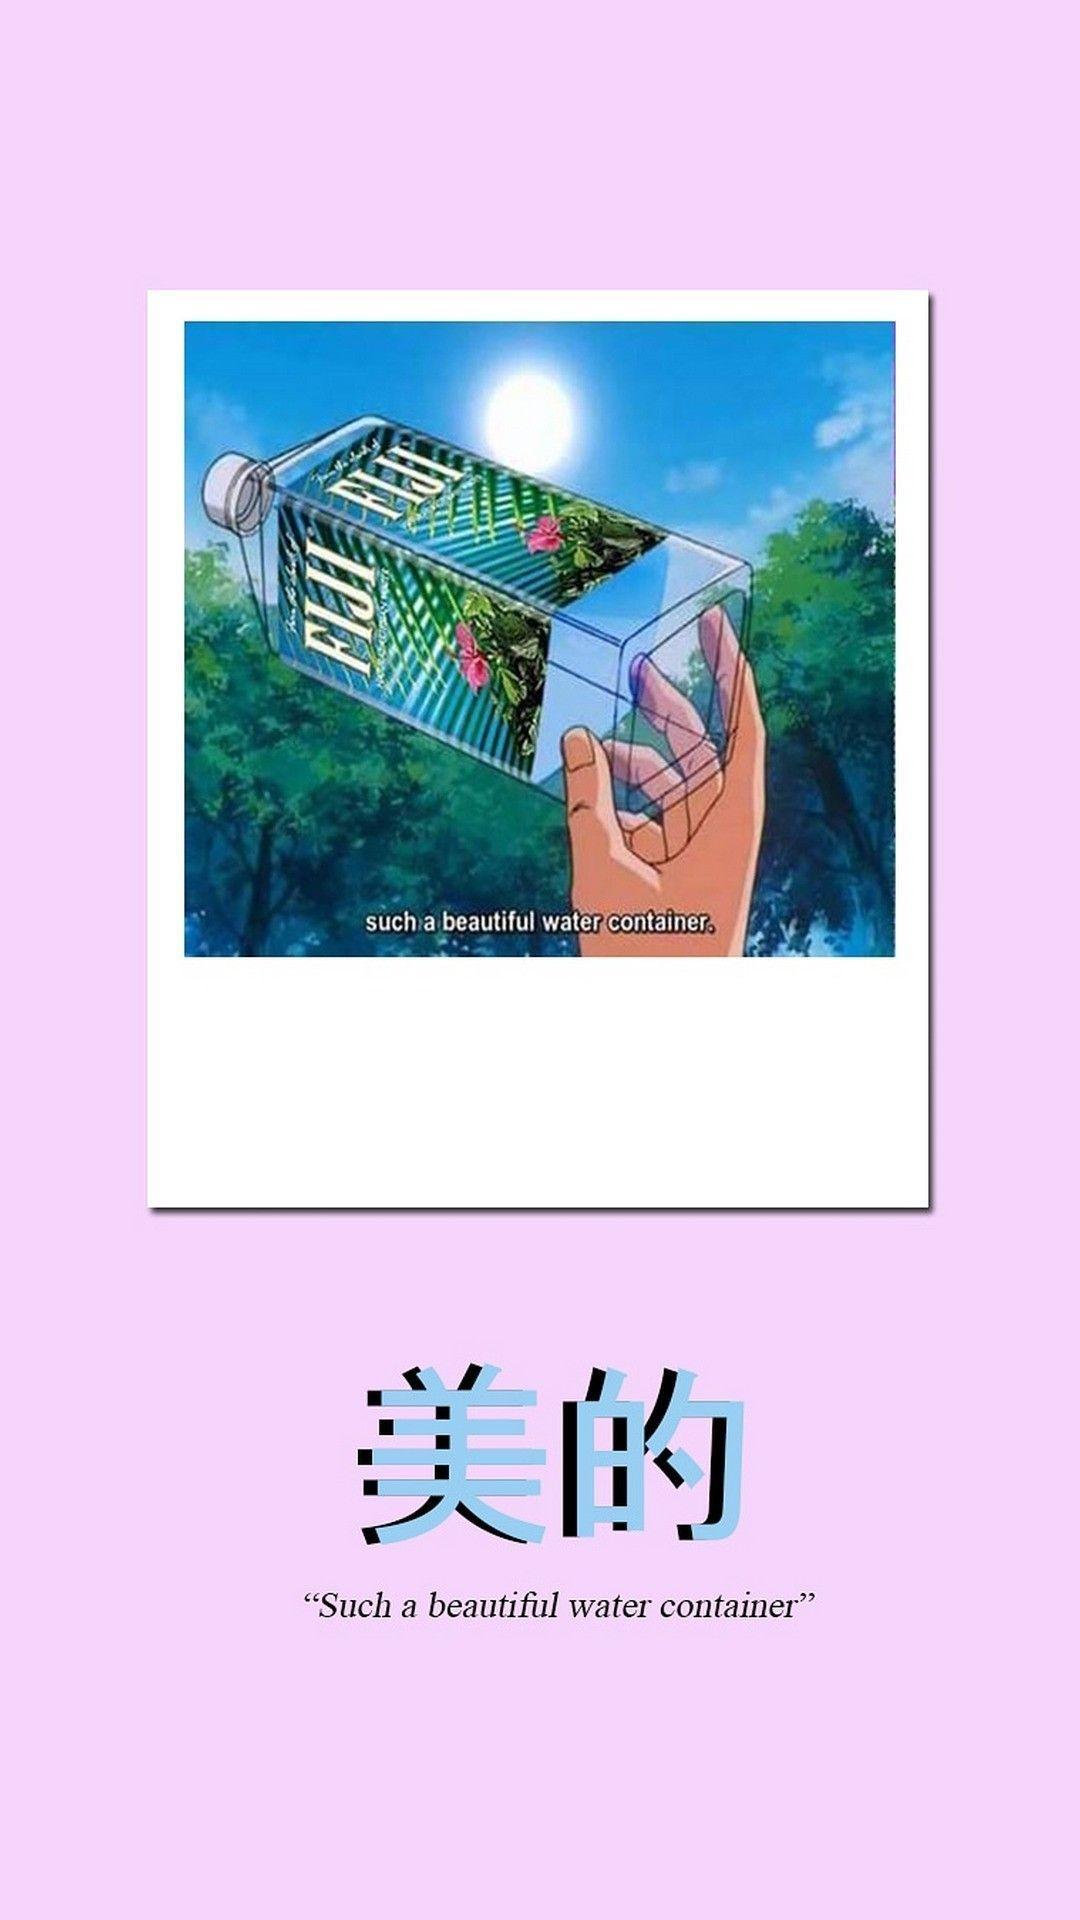 Vaporwave Paisagem Vaporwave 80s Wallpapers La Tert Anime Wallpaper Iphone Vaporwave Wallpaper Aesthetic Iphone Wallpaper